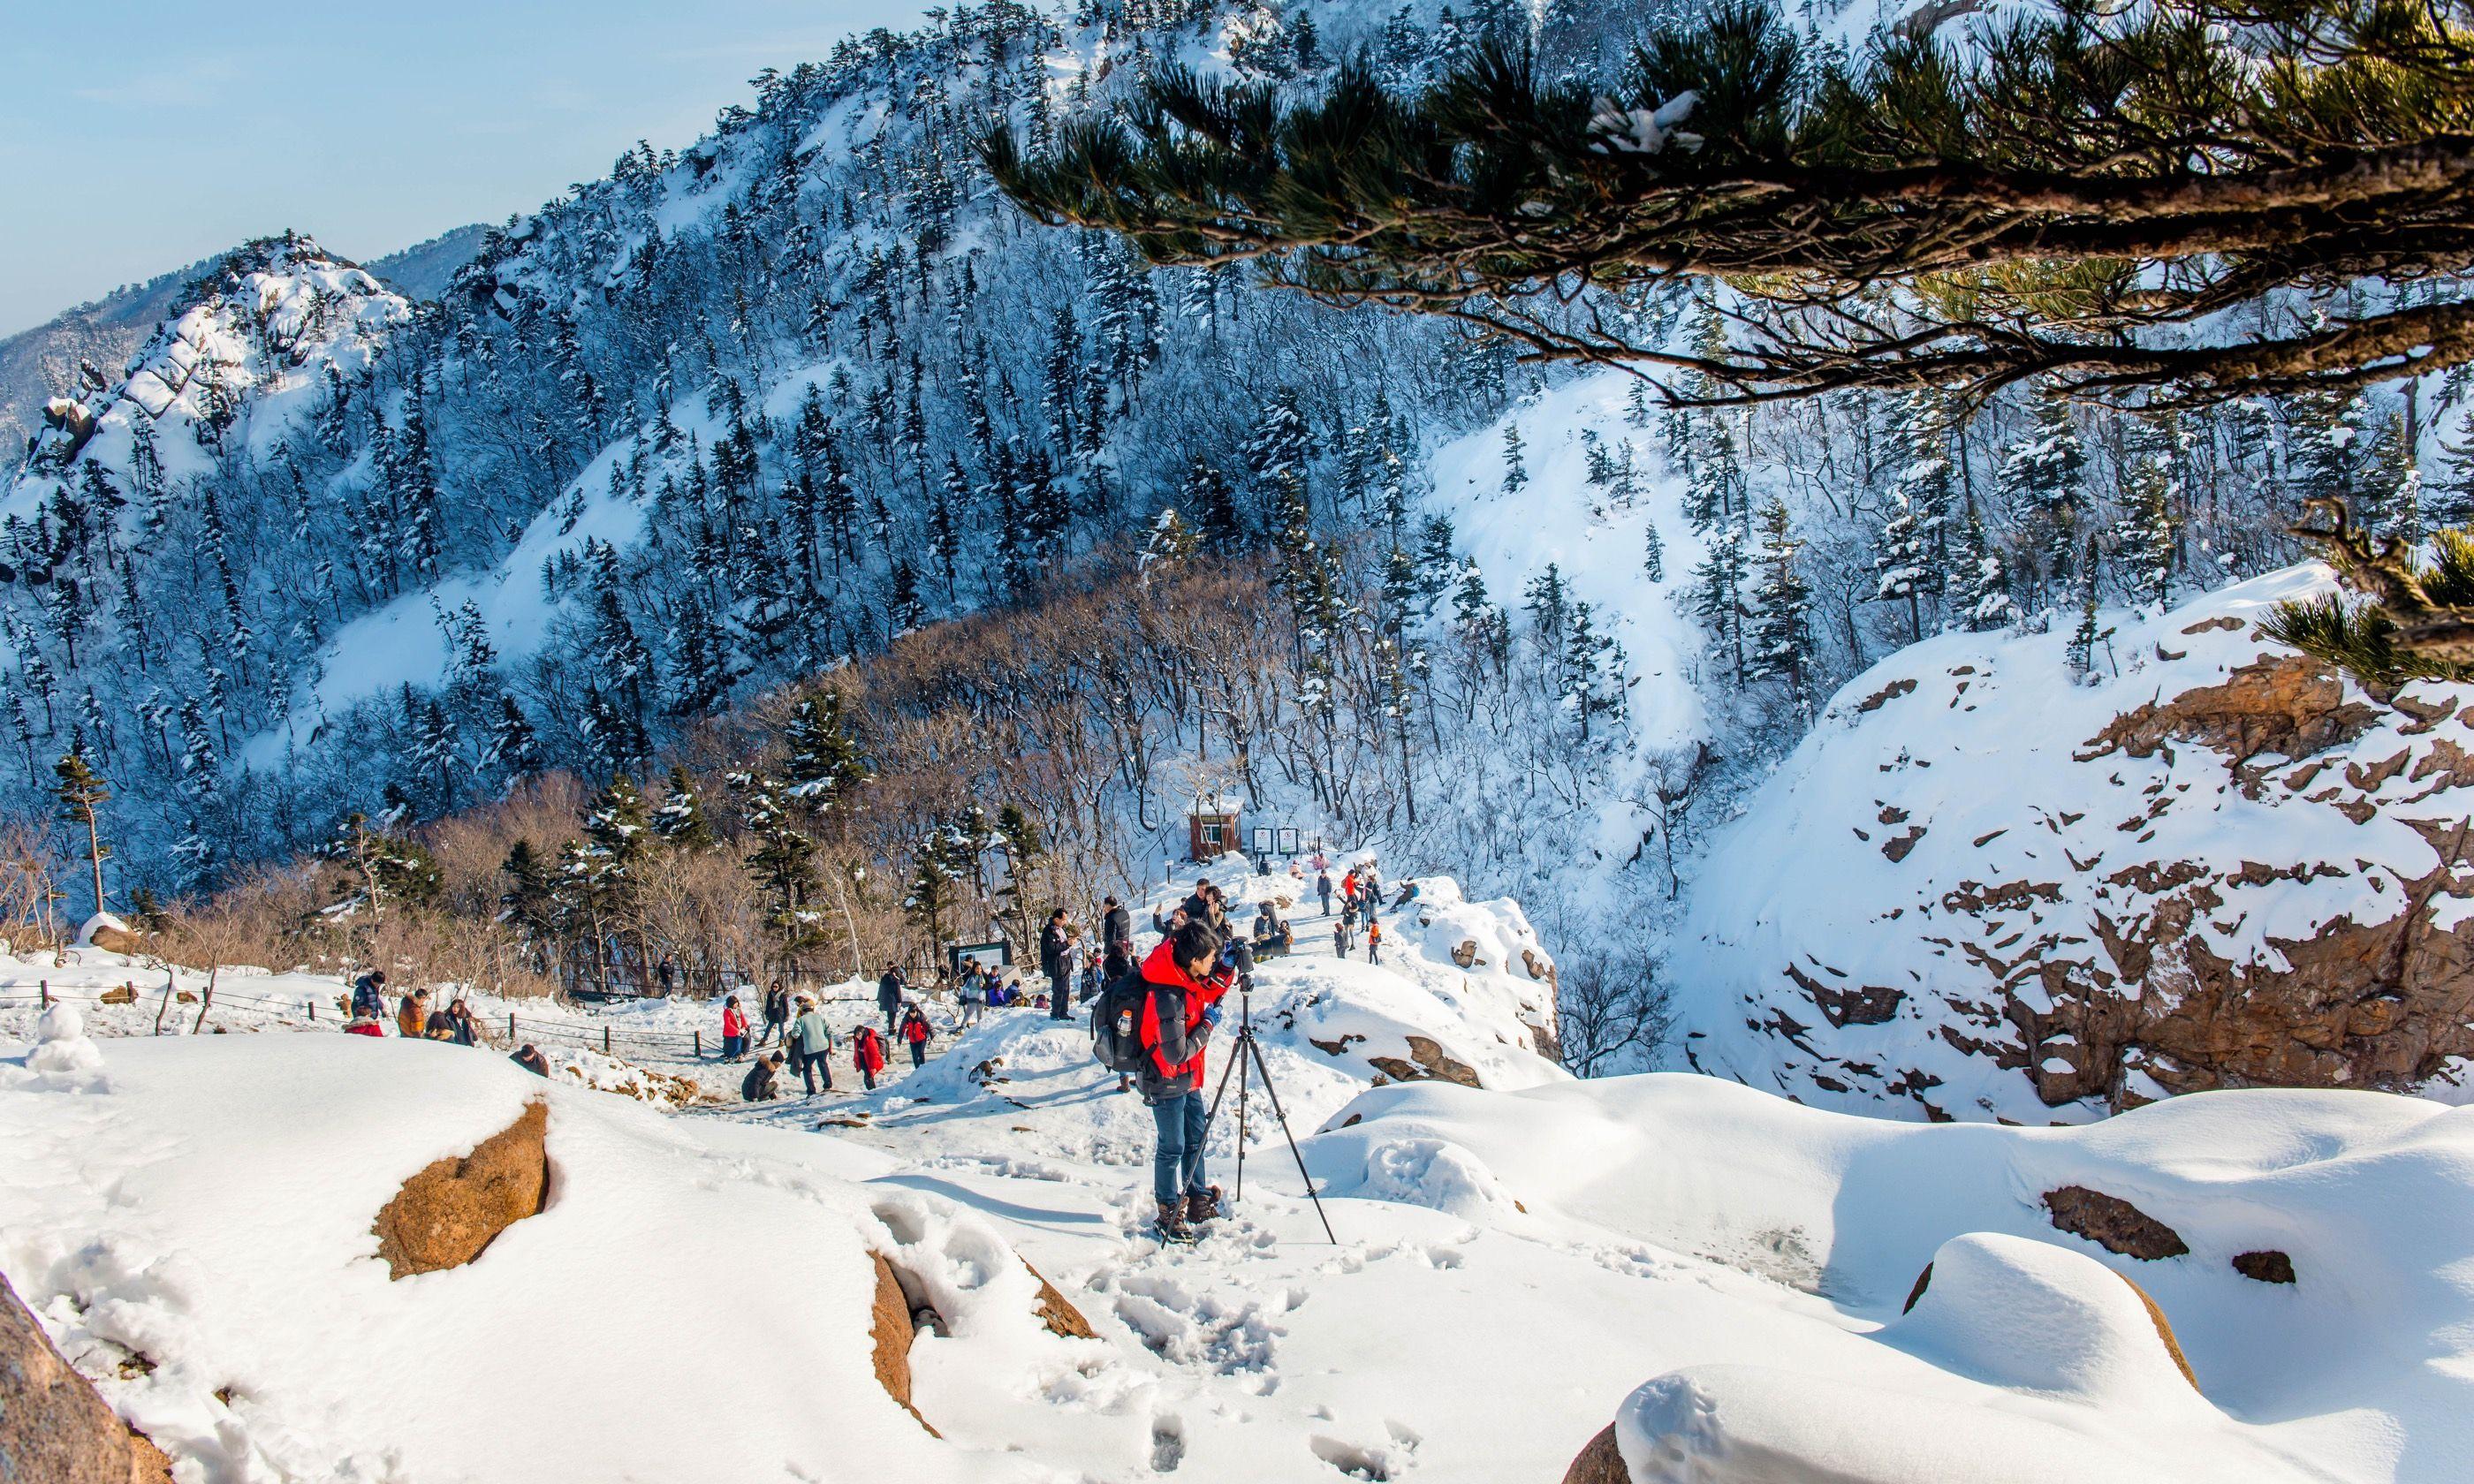 Skiing in Deogyusan, South Korea (Shutterstock.com)